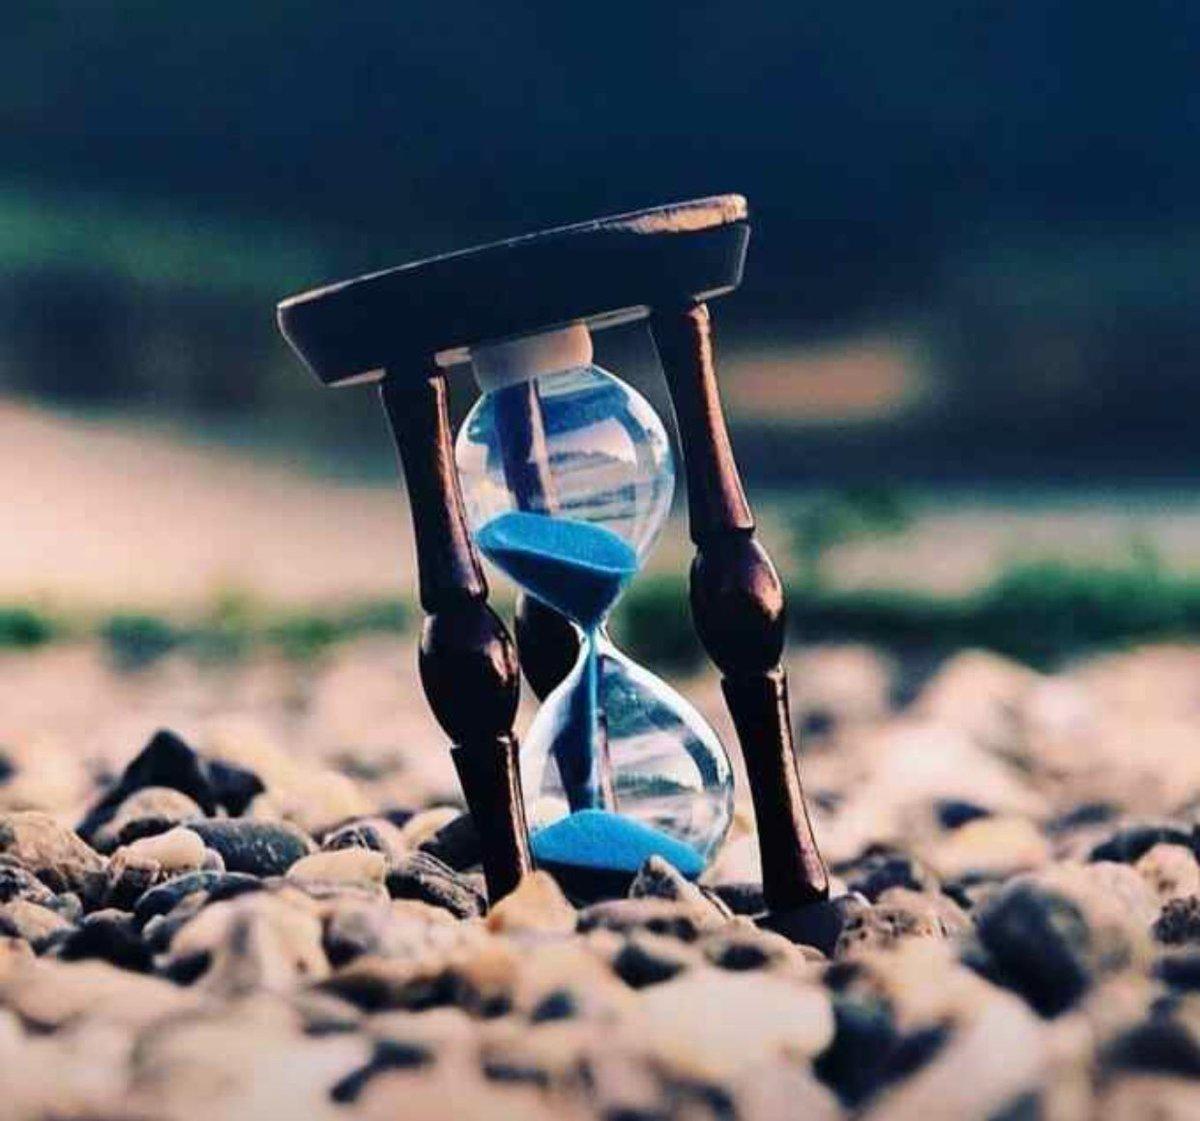 اللهم حقق لنا ما صبرنا لأجله ....🦋💌📸🎞📽